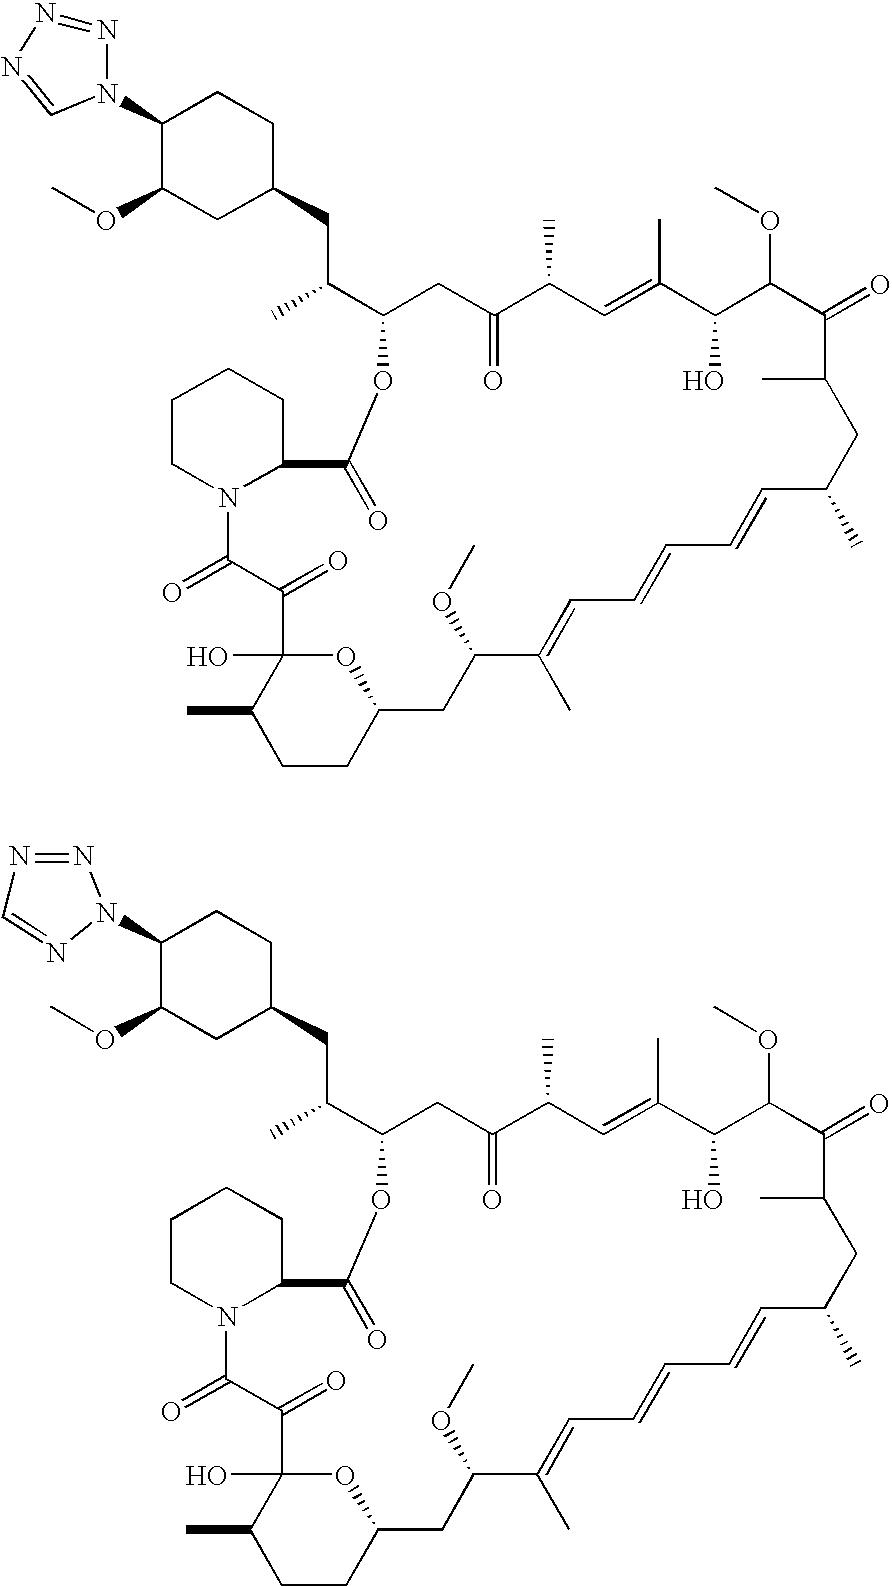 Figure US20060240070A1-20061026-C00008